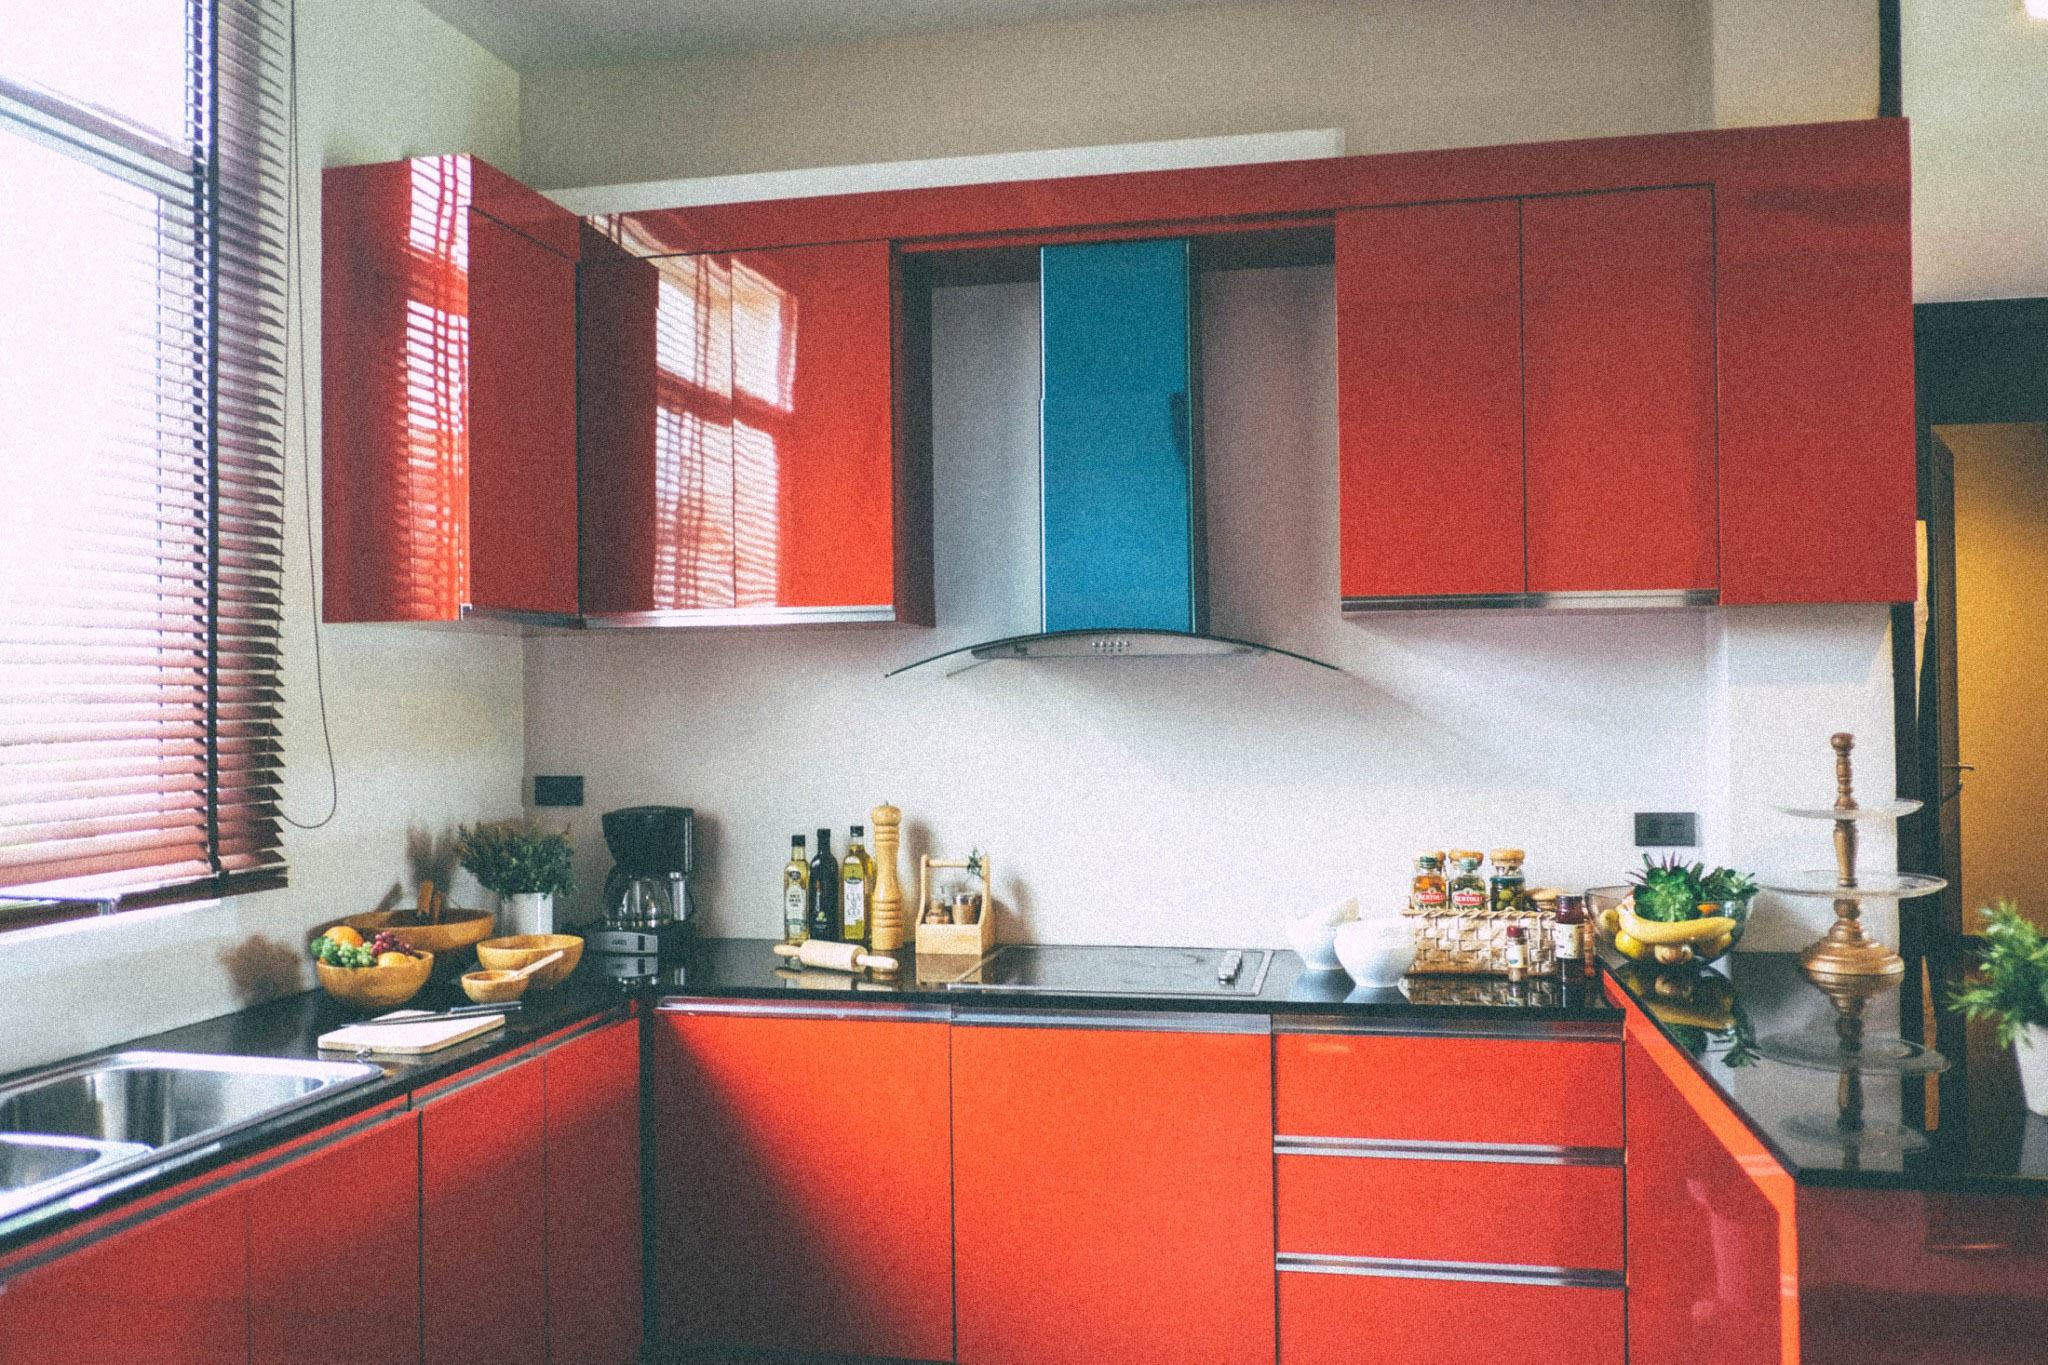 Bonanzabuilt-Portfolio-interior7-11